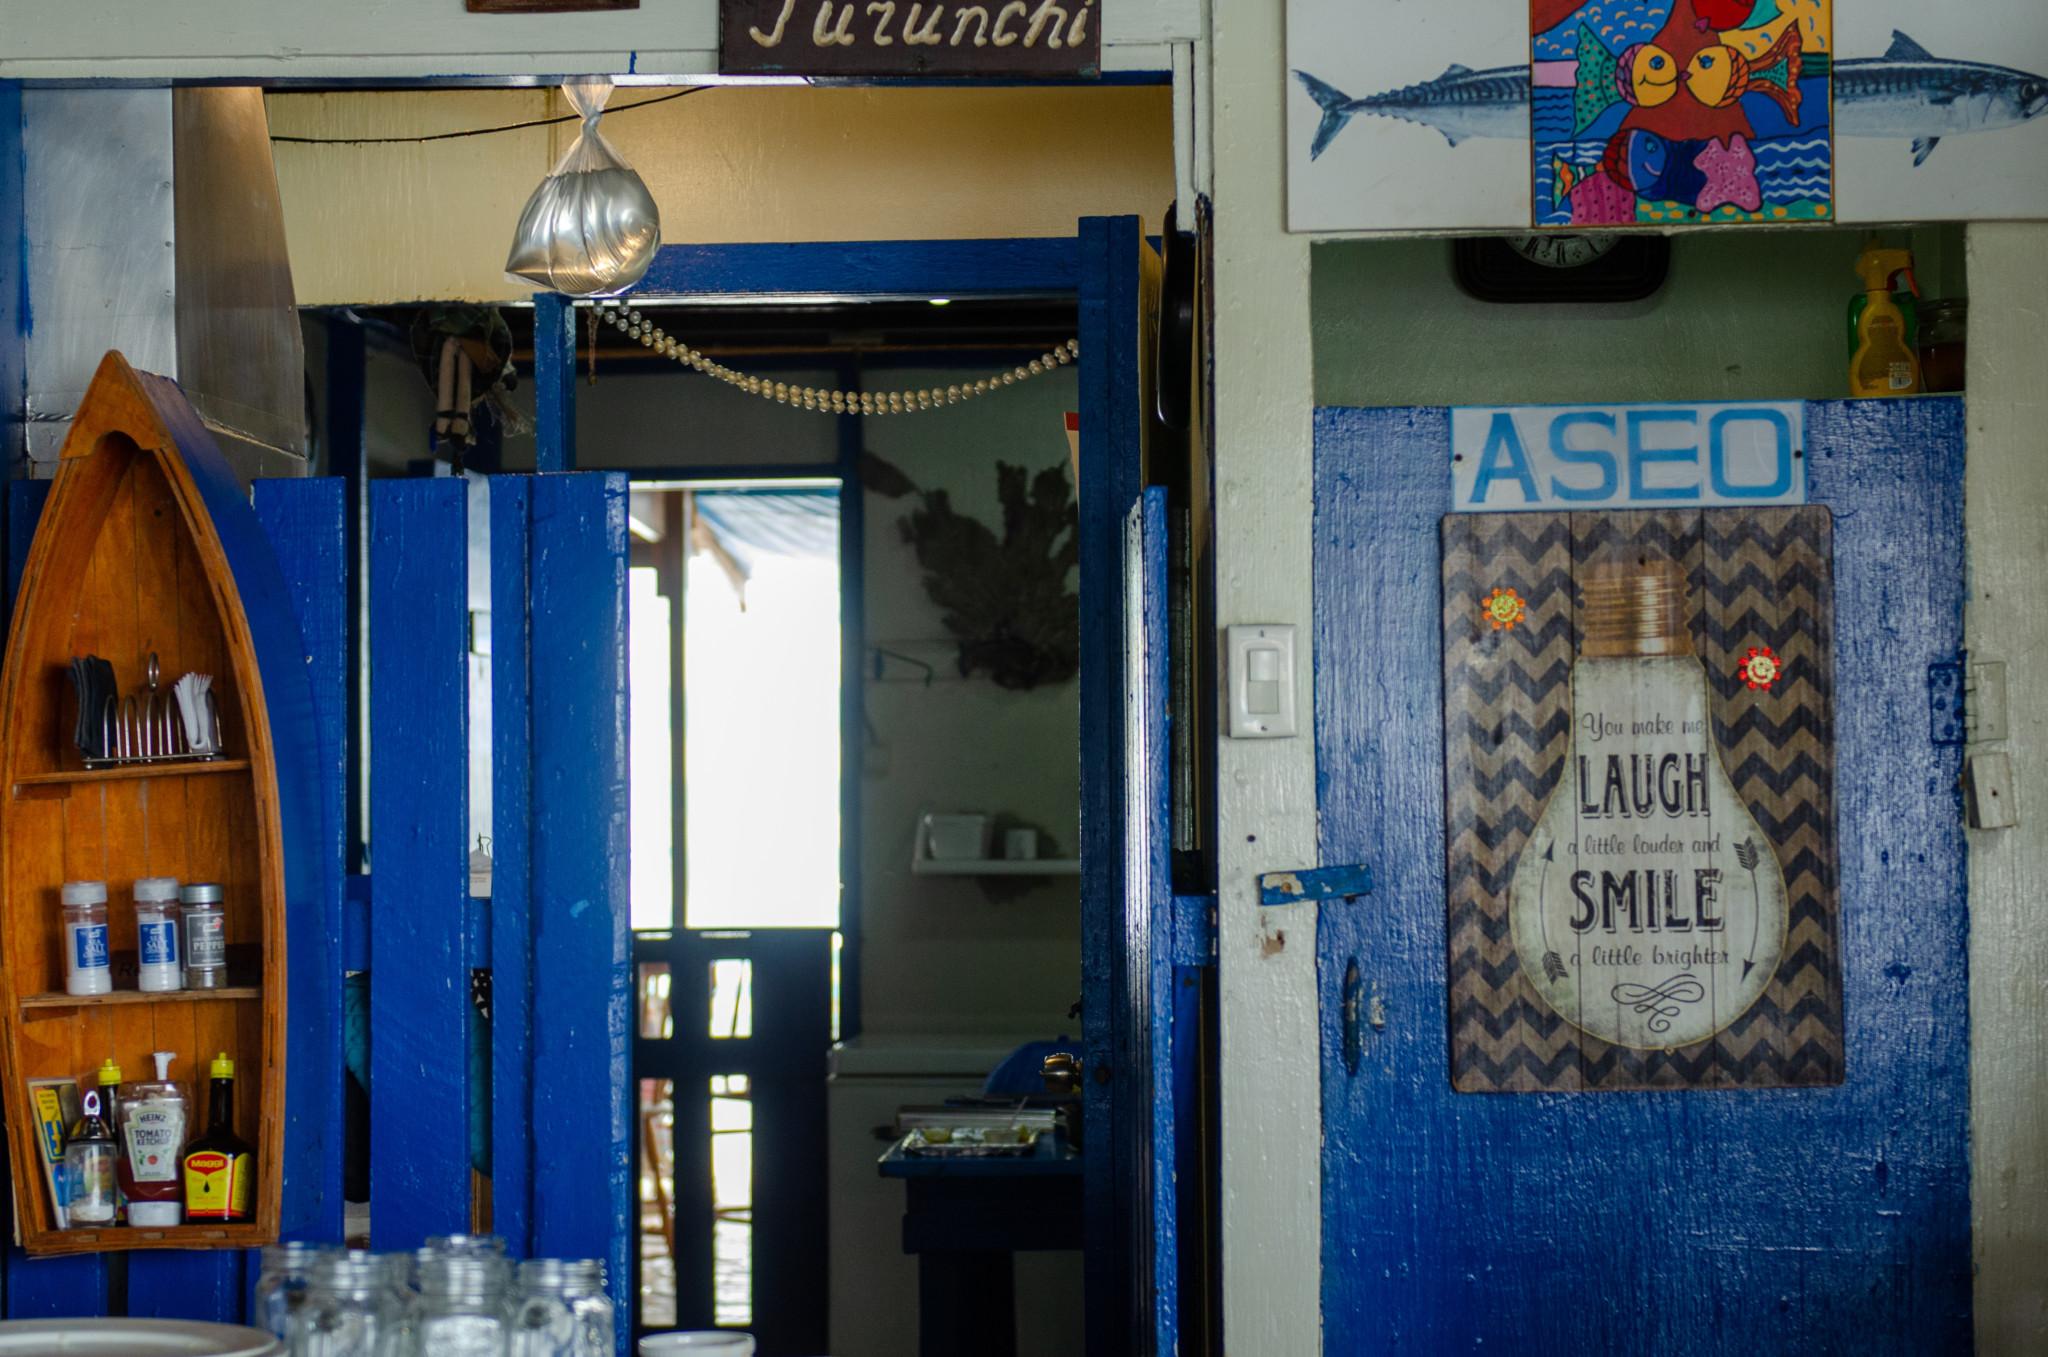 Eingang vom Purunchi Restaurant auf Curacao